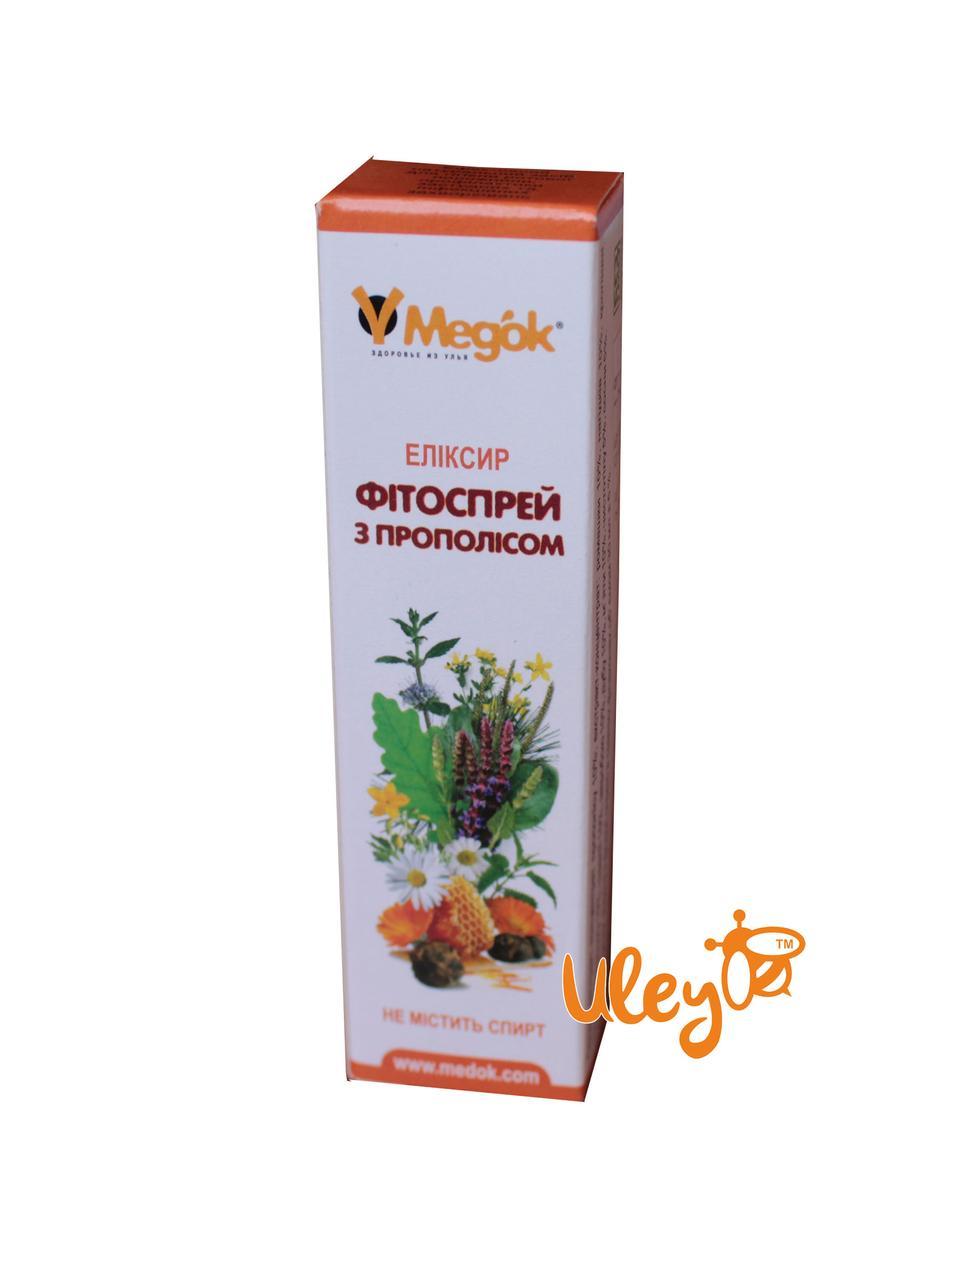 Фитоспрей с прополисом и лекарственными травами